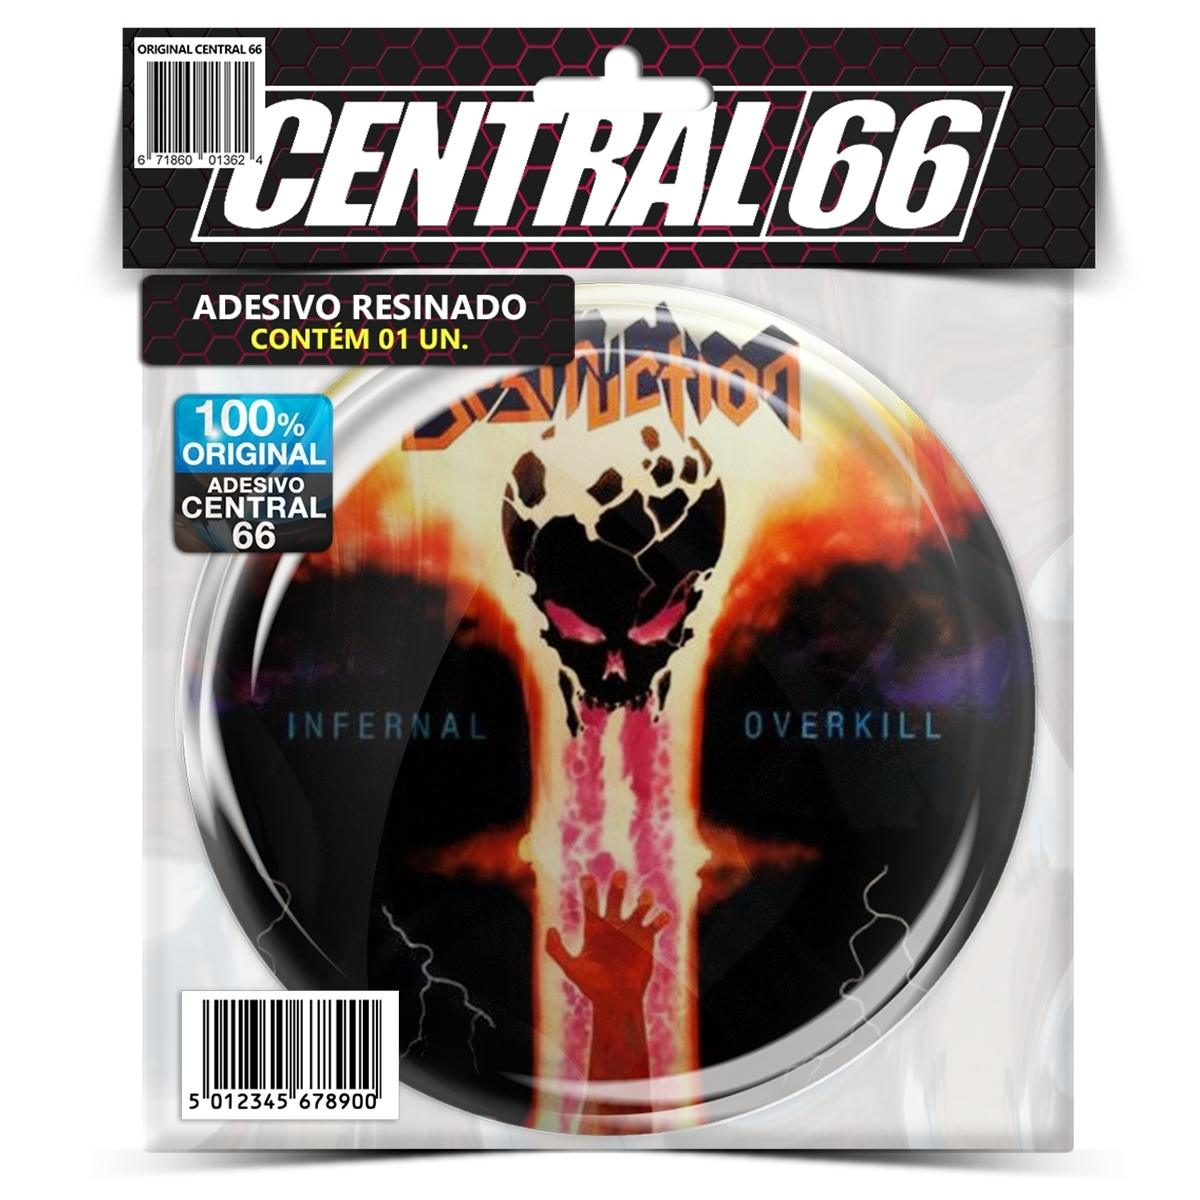 Adesivo Redondo Destruction Infernal Overkill – Central 66